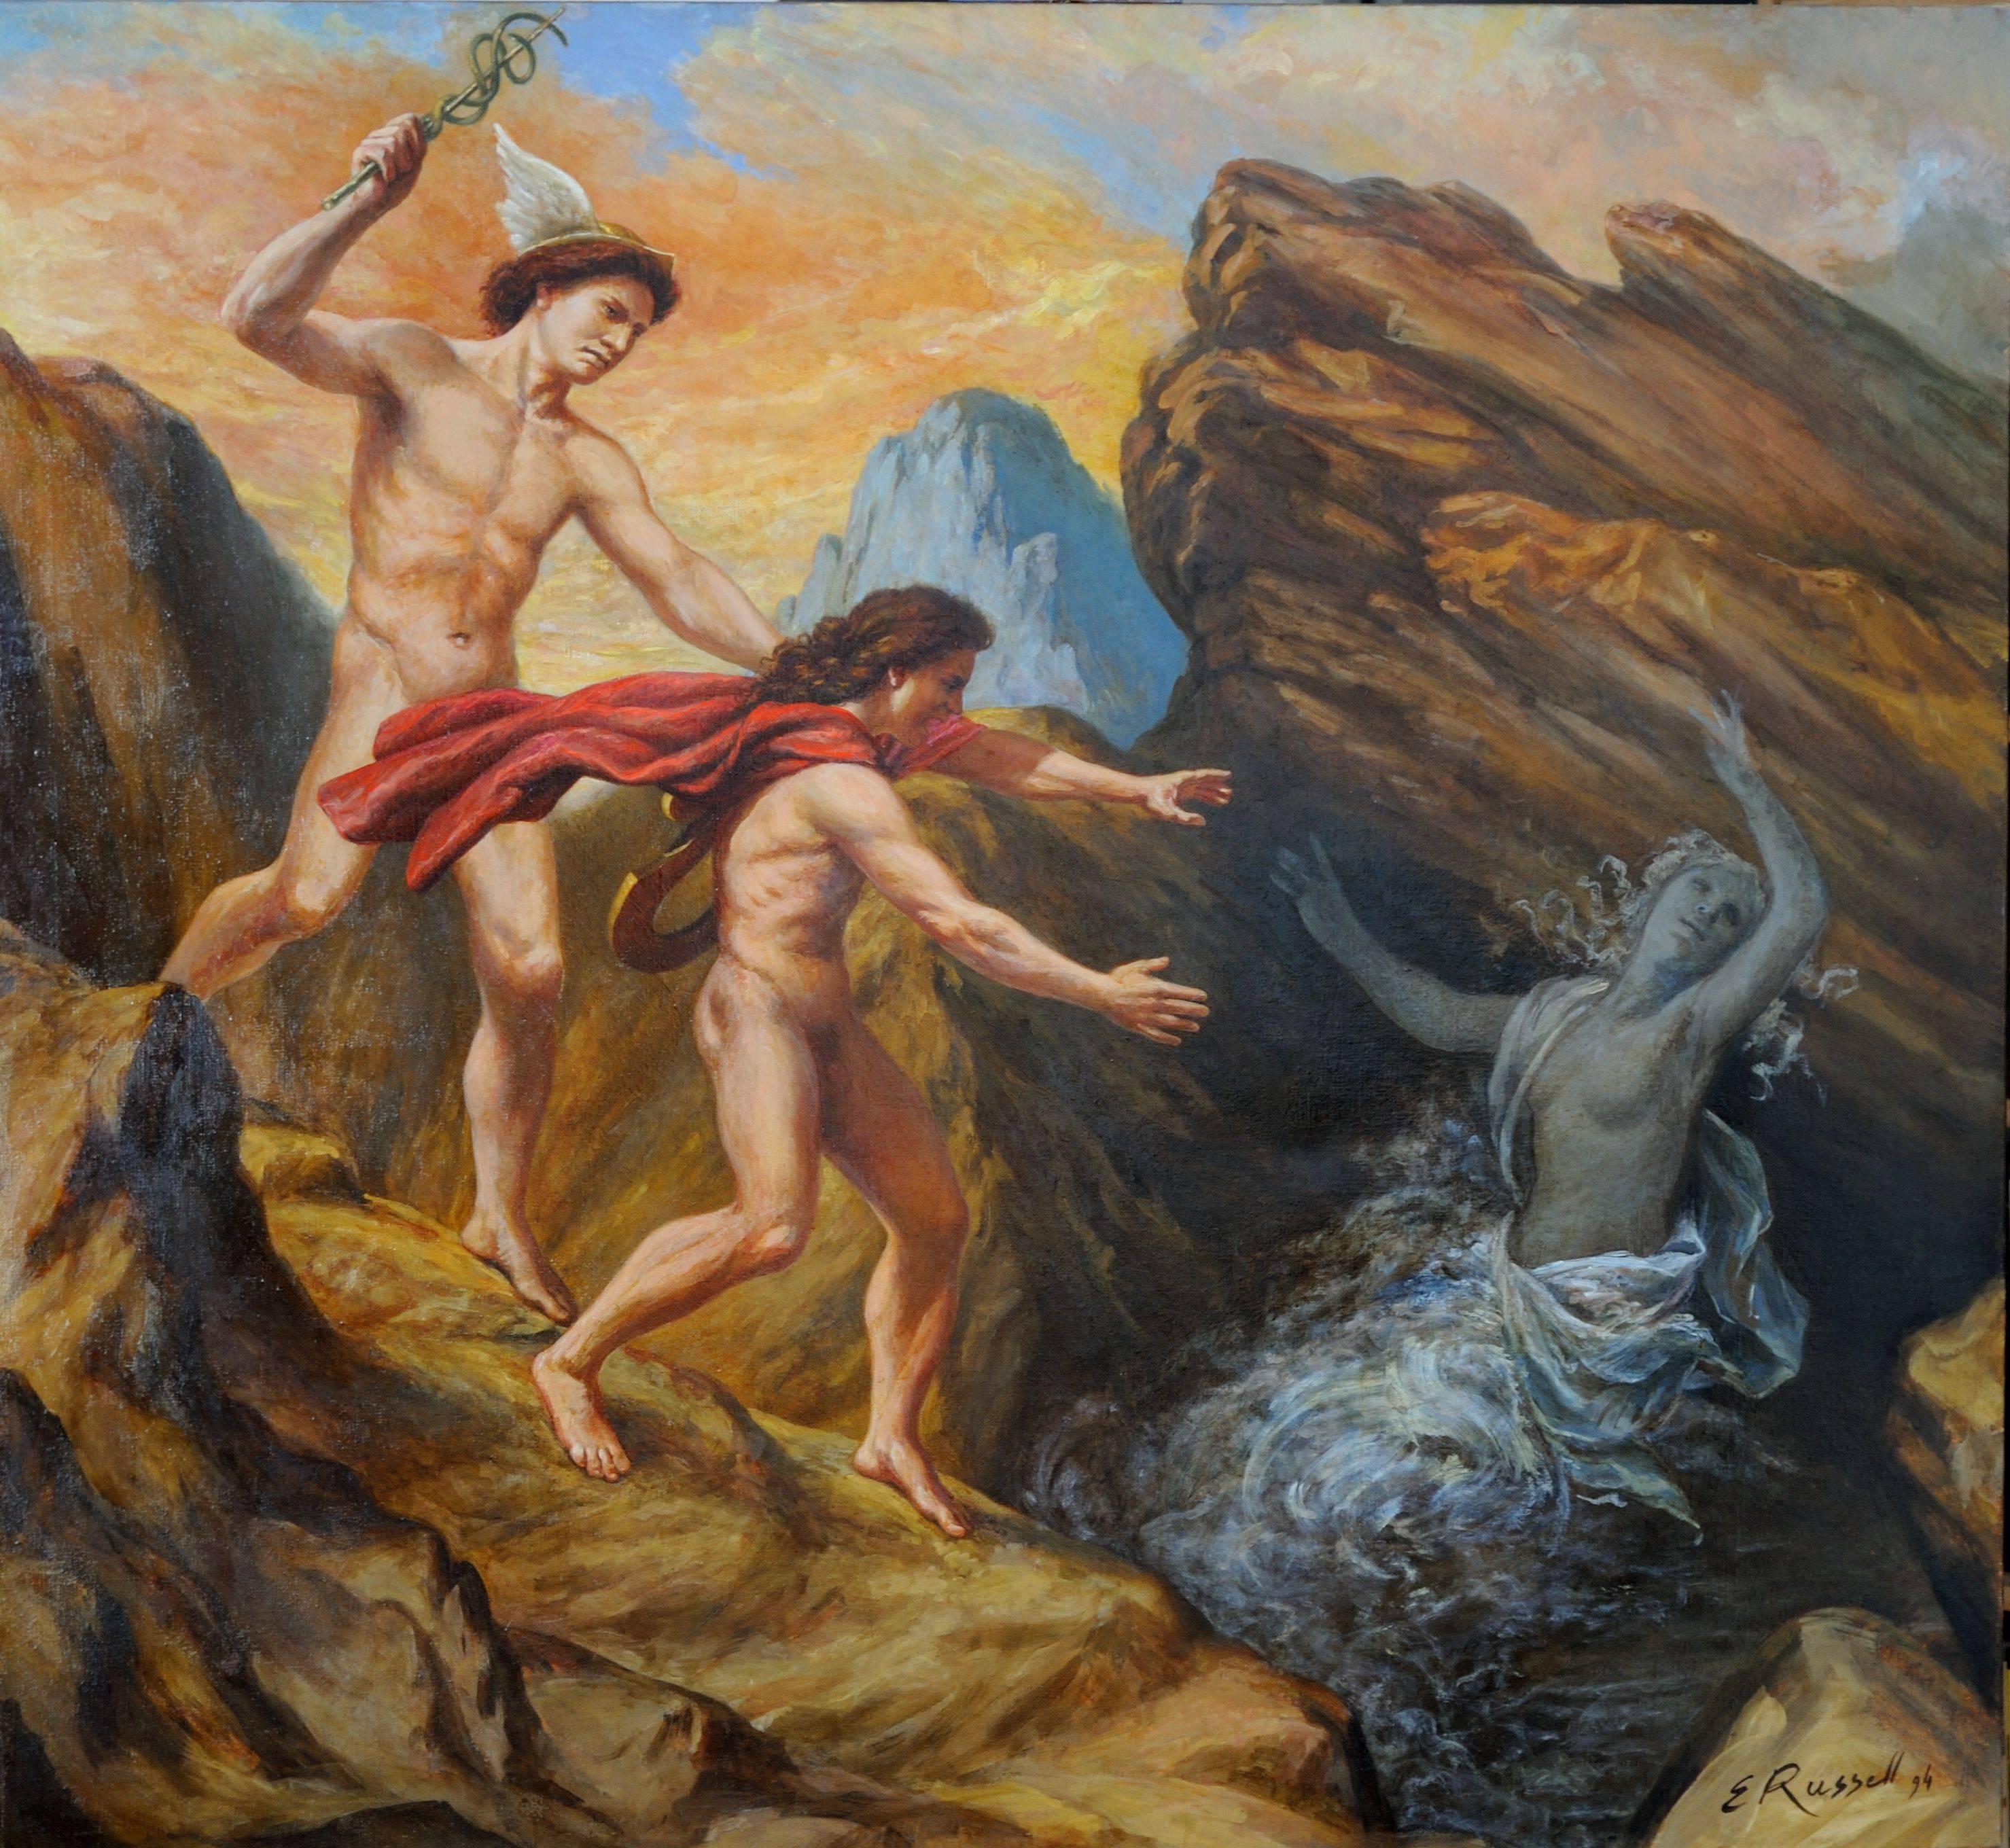 Нимфы — воплощение природы из греческого пантеона